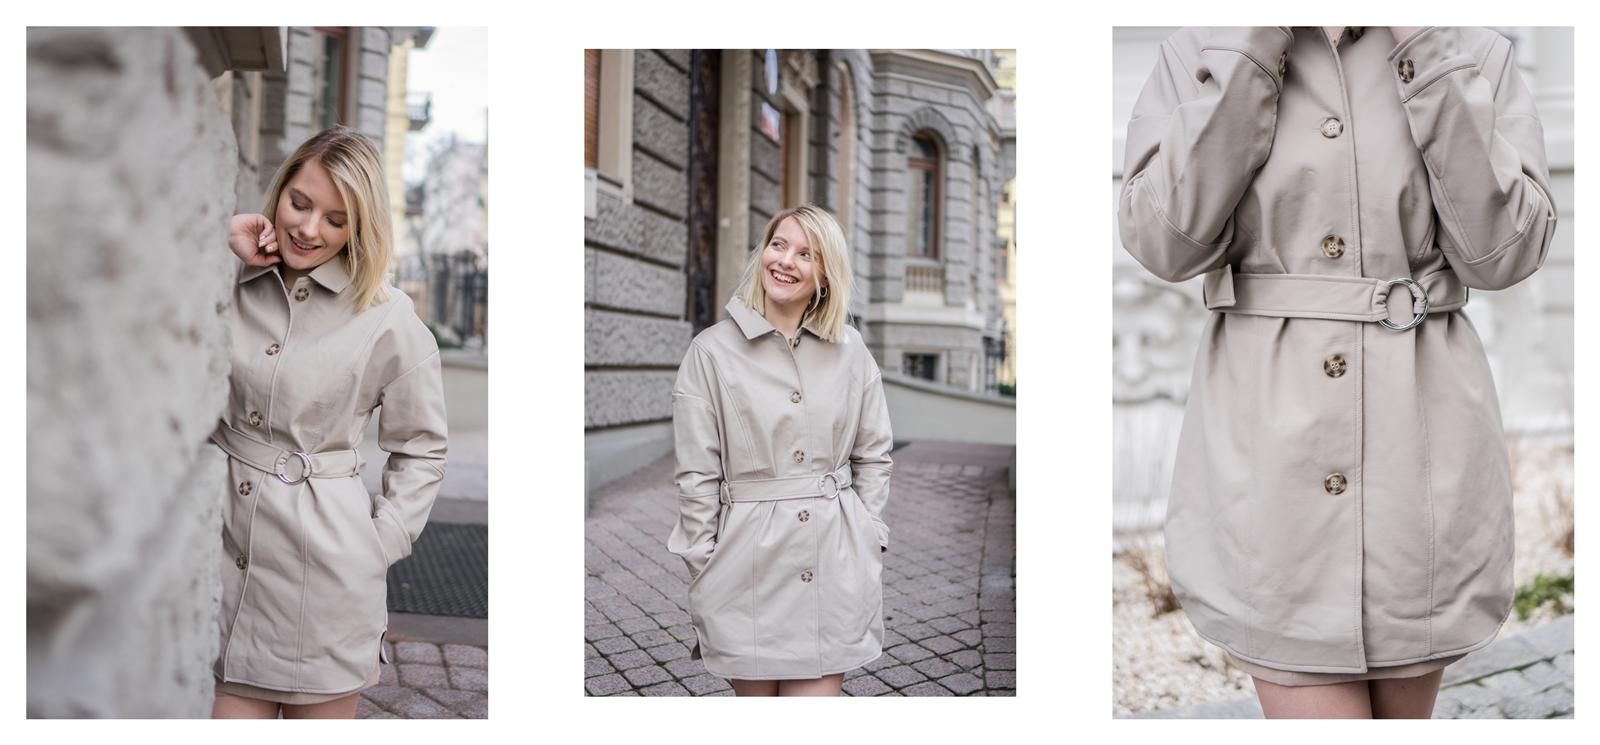 1a na-kd na kd lounge kod zniżkowy outlet rabat zakupy płaszcz na jesień kremowy sukienka modne stylizacje total look blog łódź fashion lifestyle